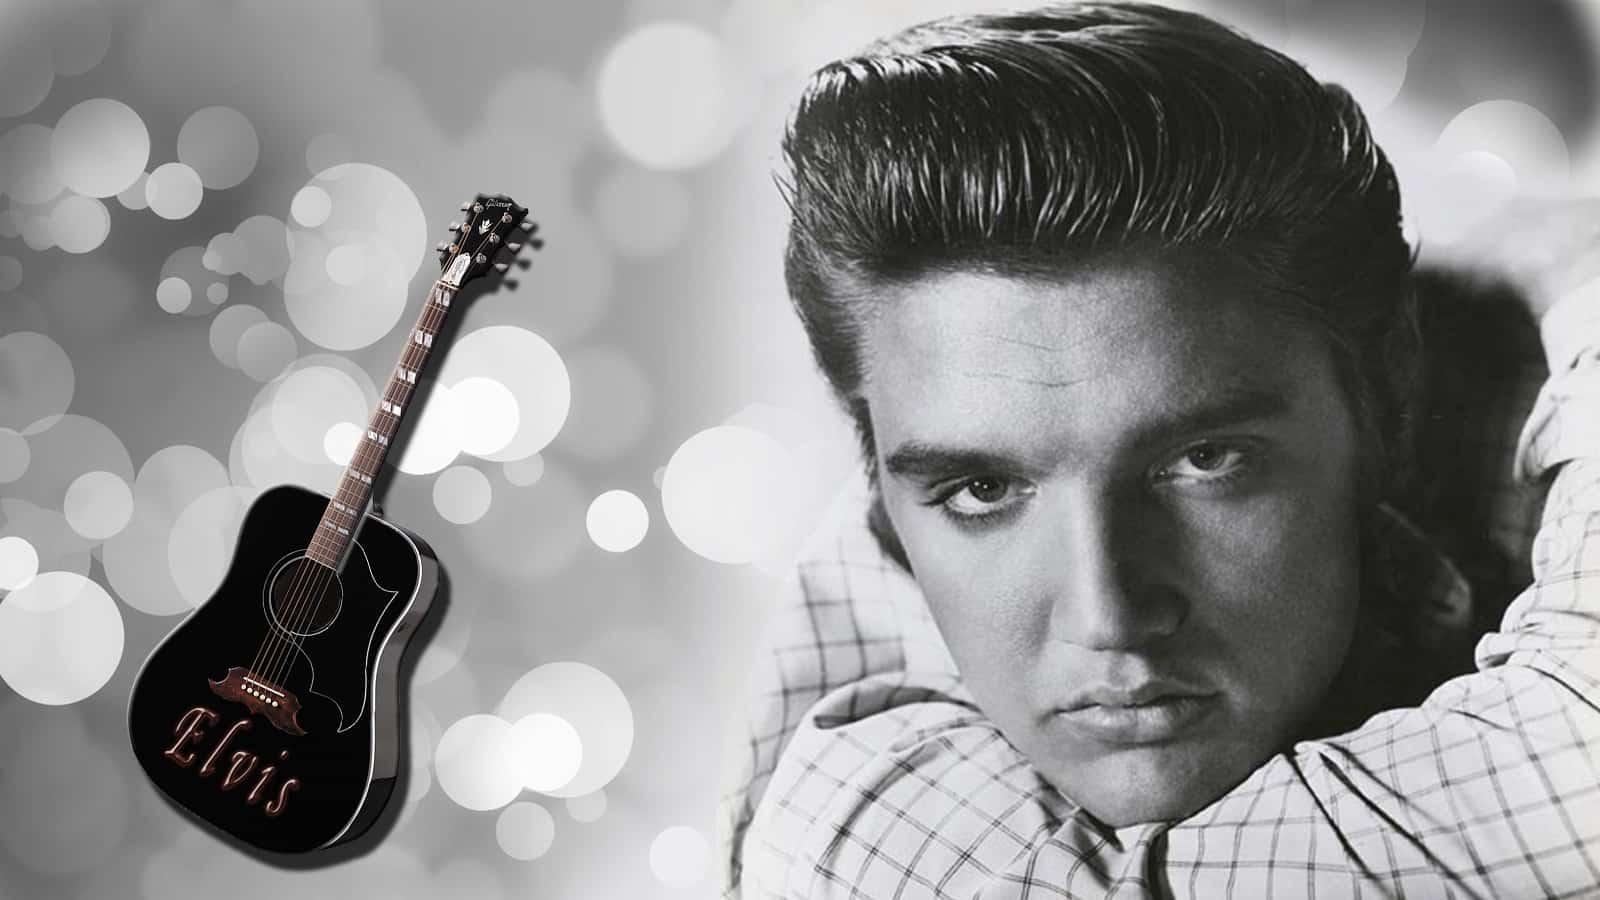 Элвис Пресли: когда умер, причина смерти, лучшие песни Элвиса